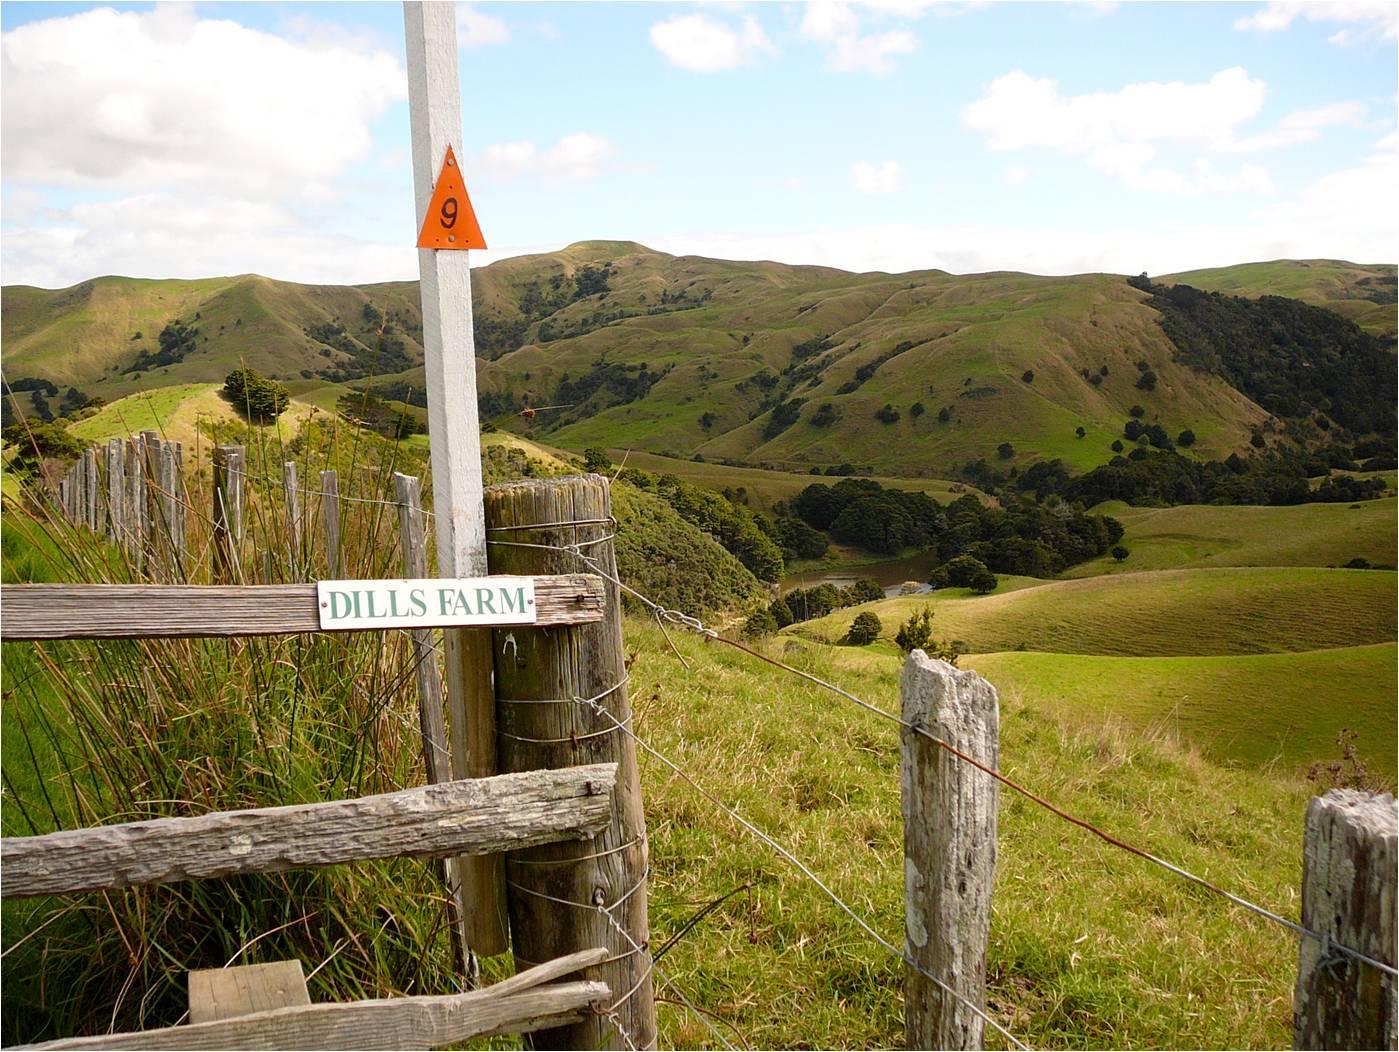 Dills farm sign.jpg